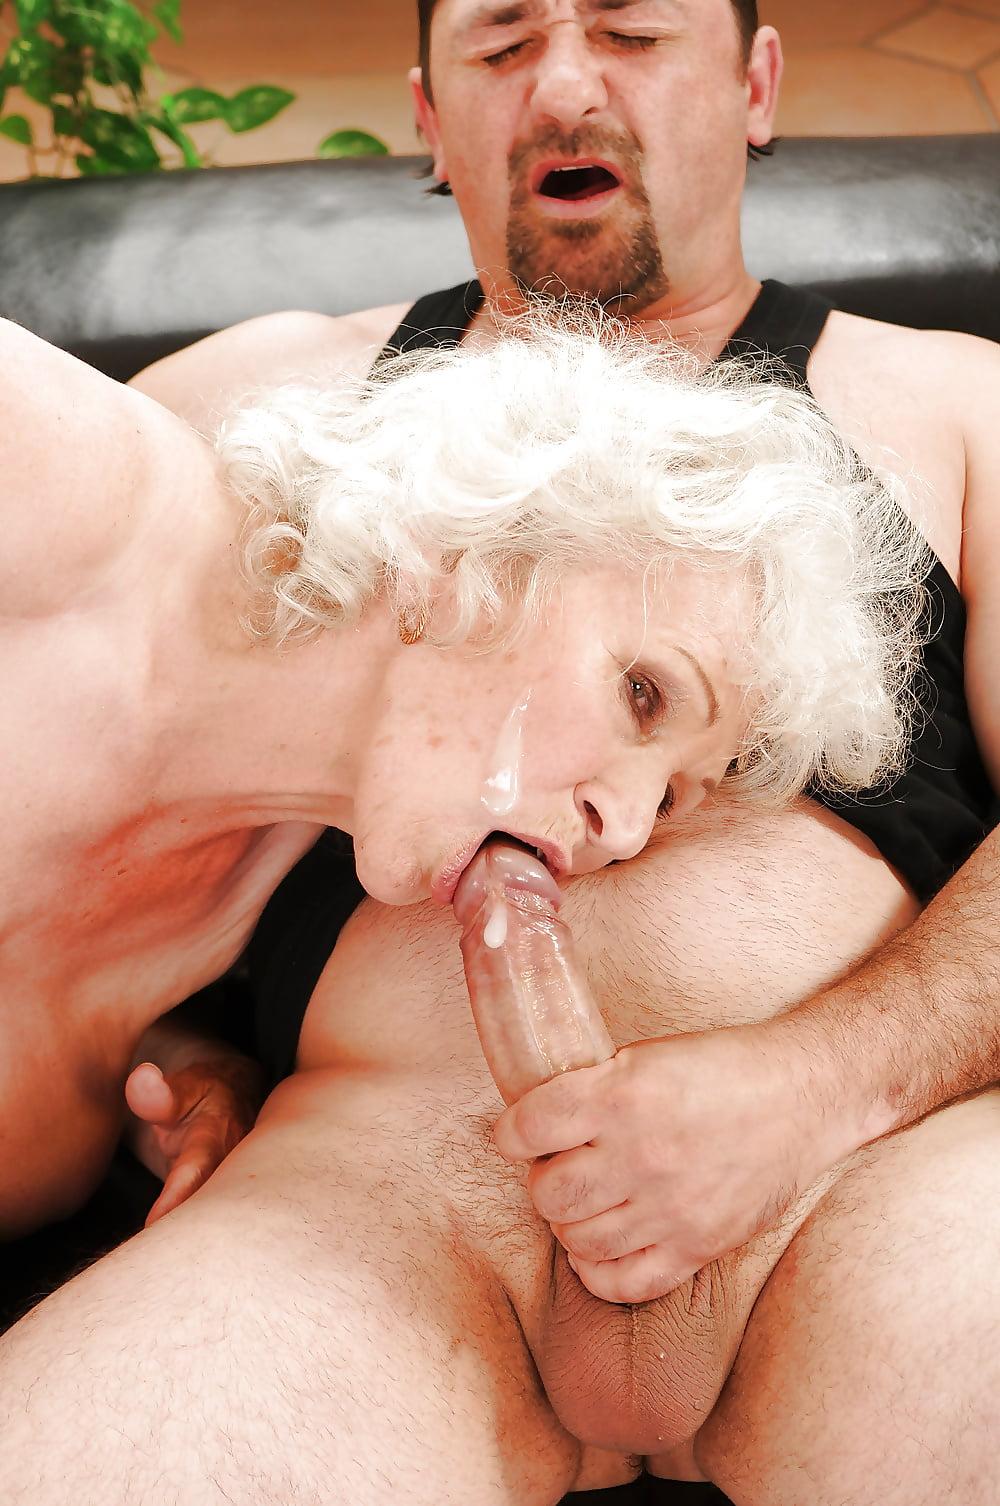 Порно старая женщина пьет пьет сперму у молодых ребят, фото-очень большой клитор